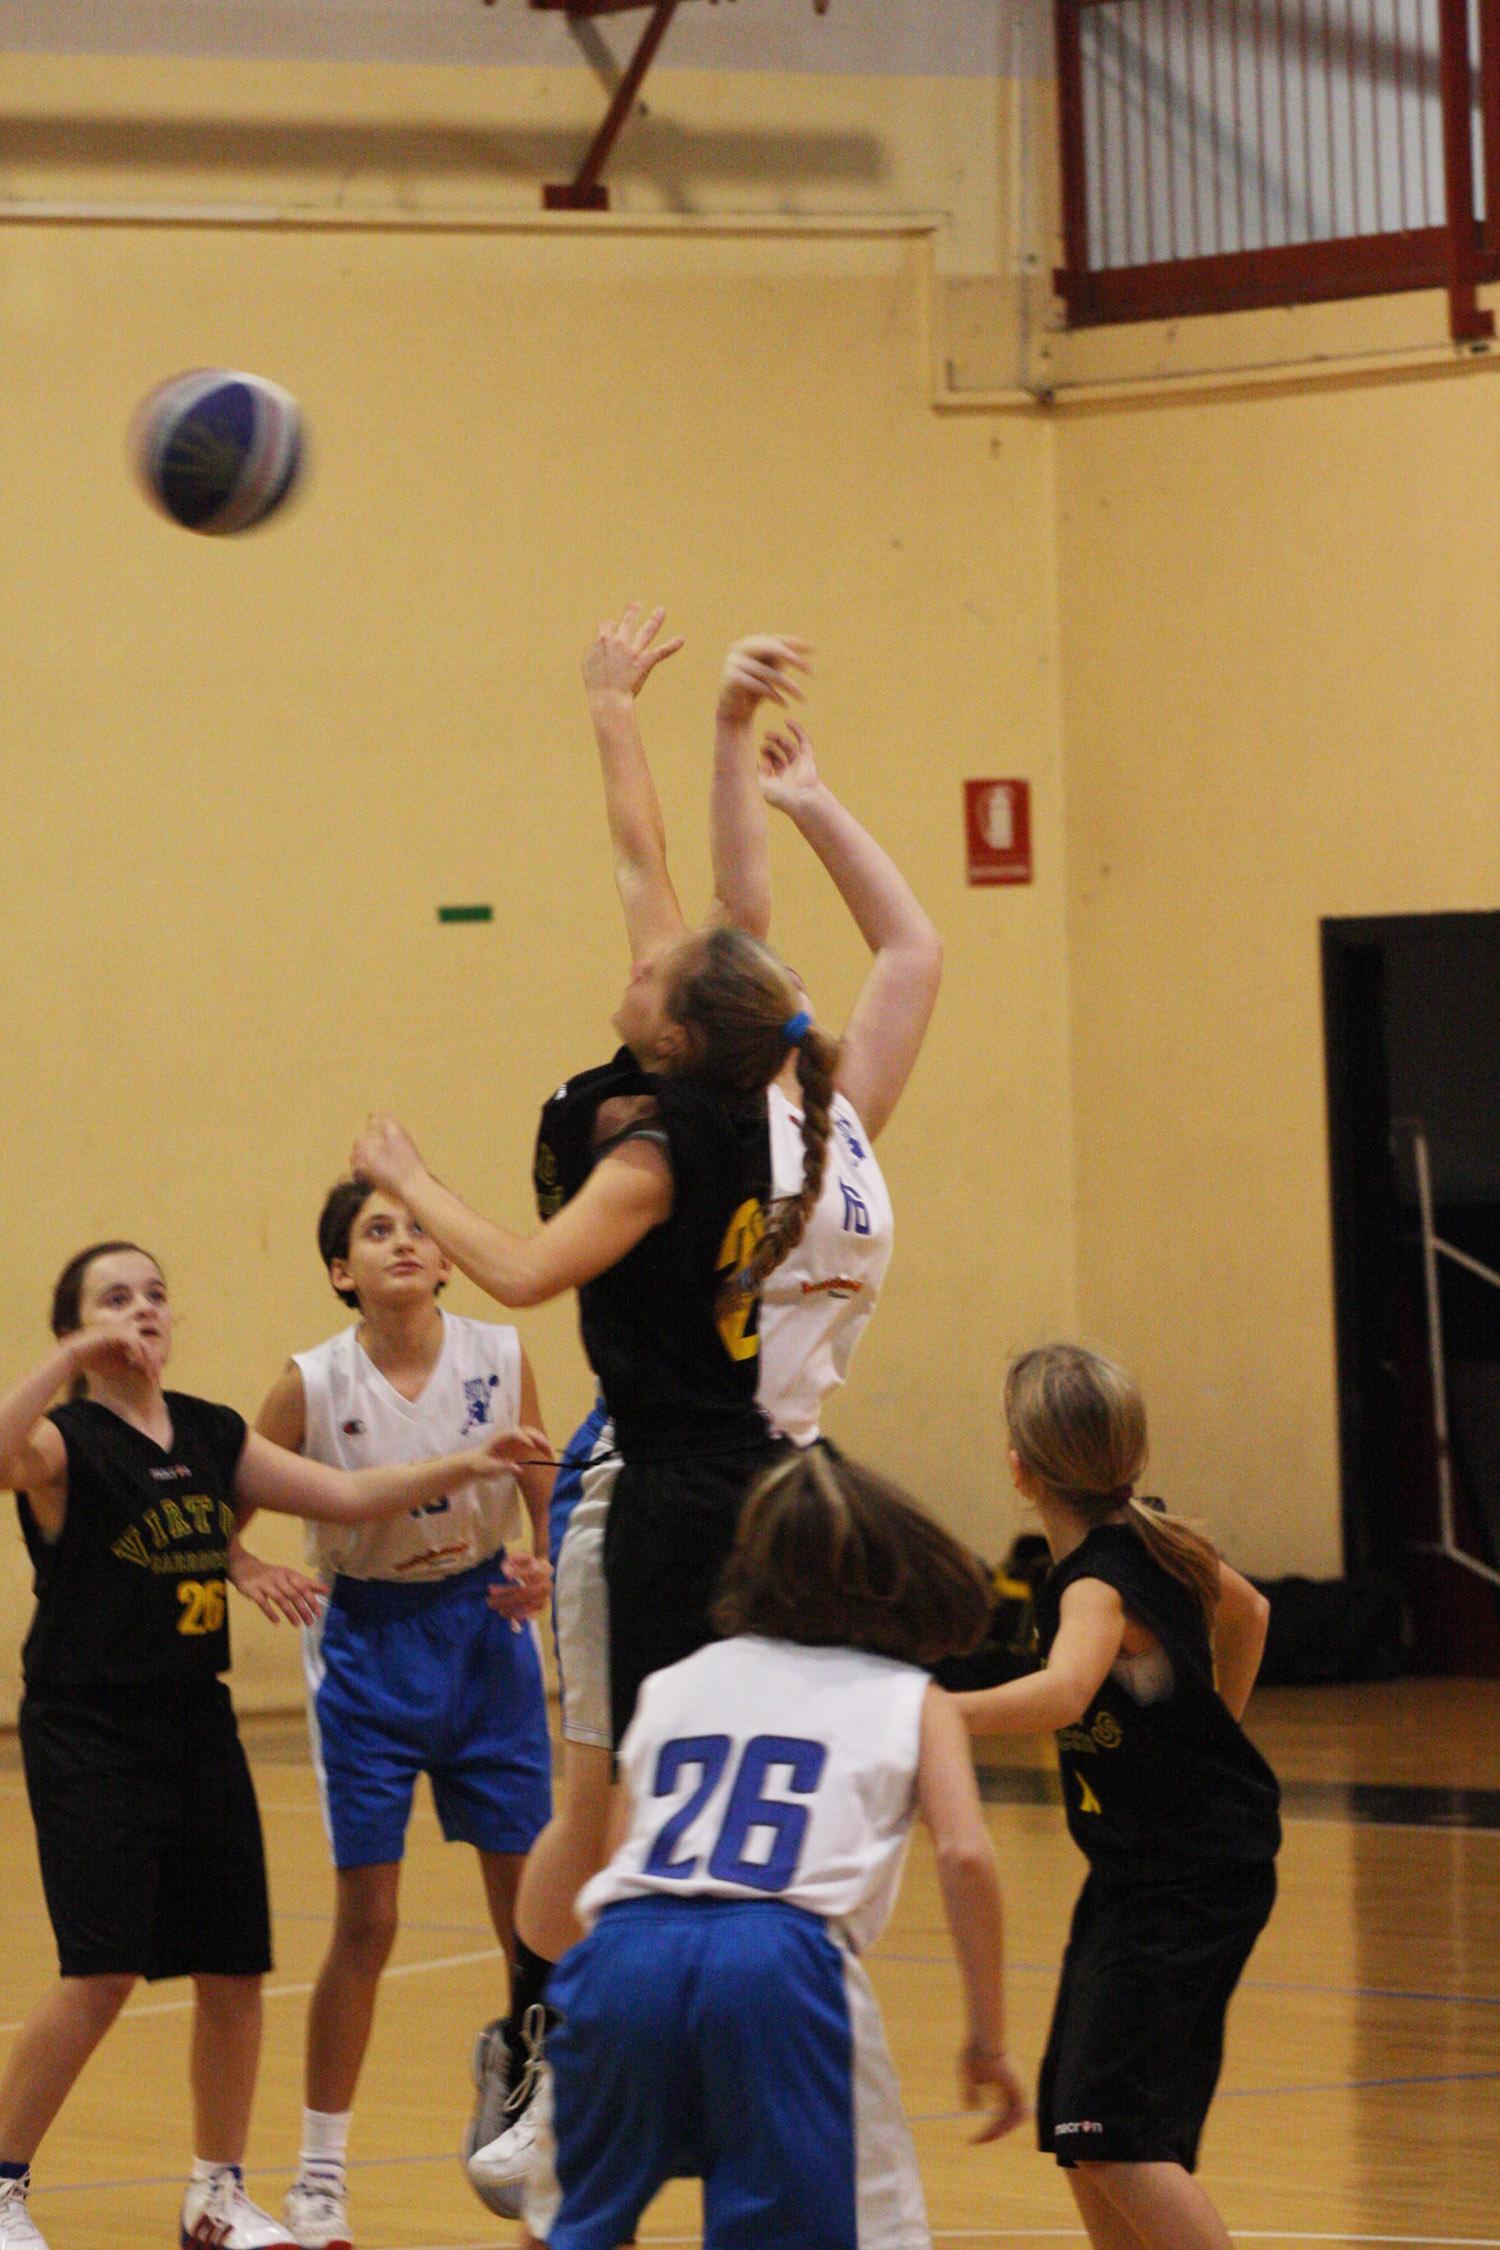 U13 - Baskettiamo Vittuone vs Carroccio Legnano 00005.jpg